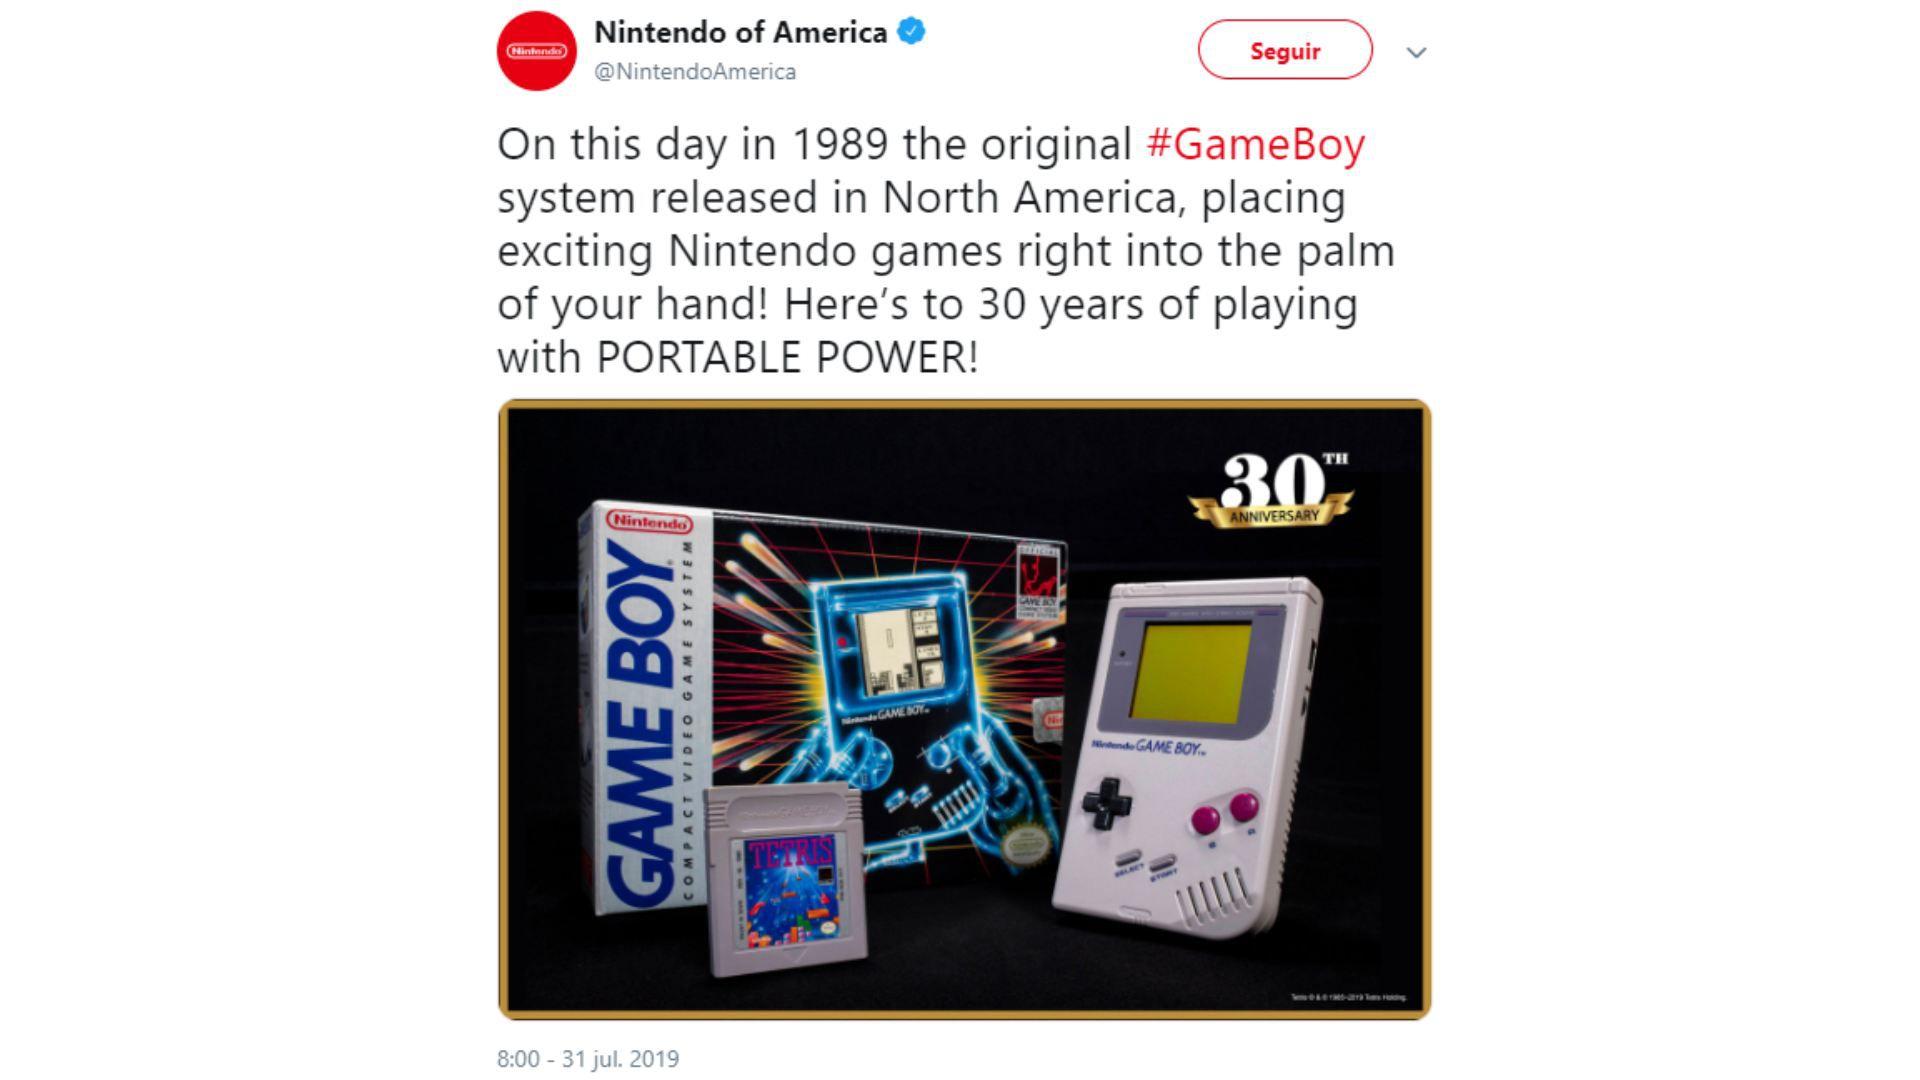 La cuenta de Twitter de Nintendo en Estados Unidos conmemoró esta fecha crucial en los videojuegos (Foto: Twitter Nintendo of America)